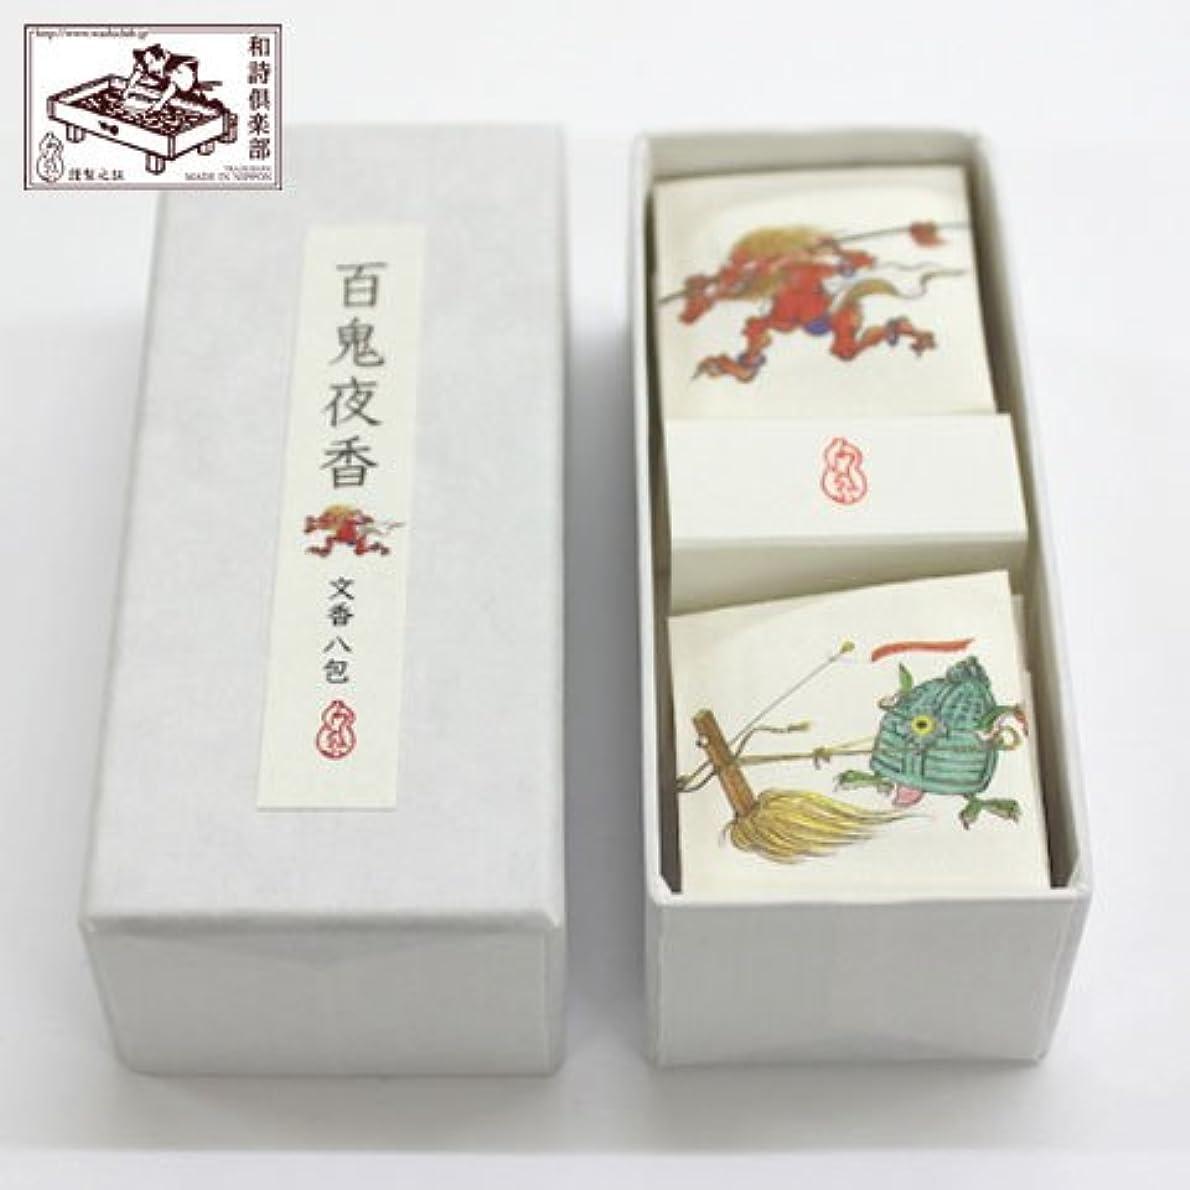 でイル修復文香包み香百鬼夜香 (TK-002)和詩倶楽部